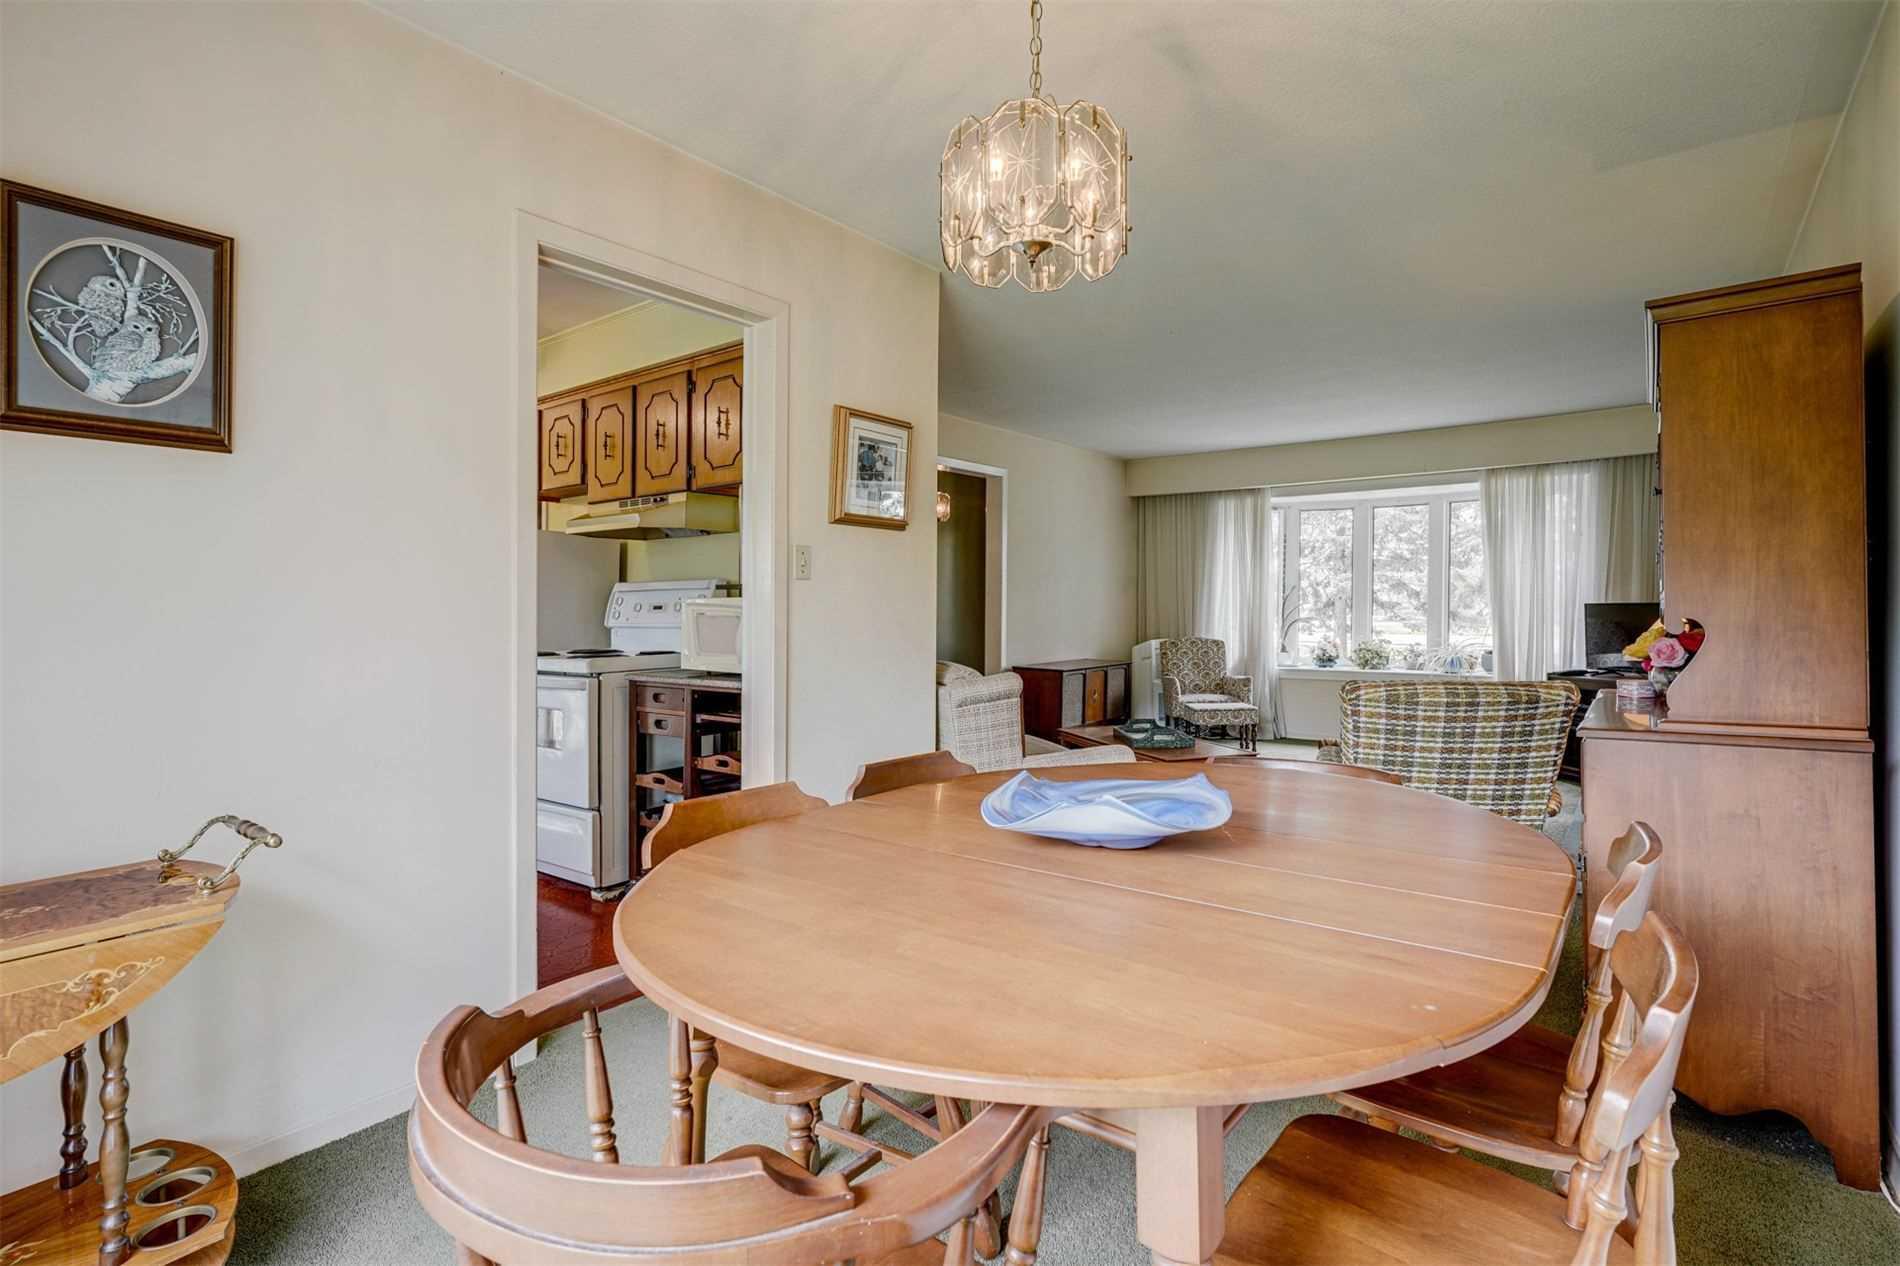 4189 Brock Rd - Uxbridge Detached for sale, 3 Bedrooms (N5311768) - #14